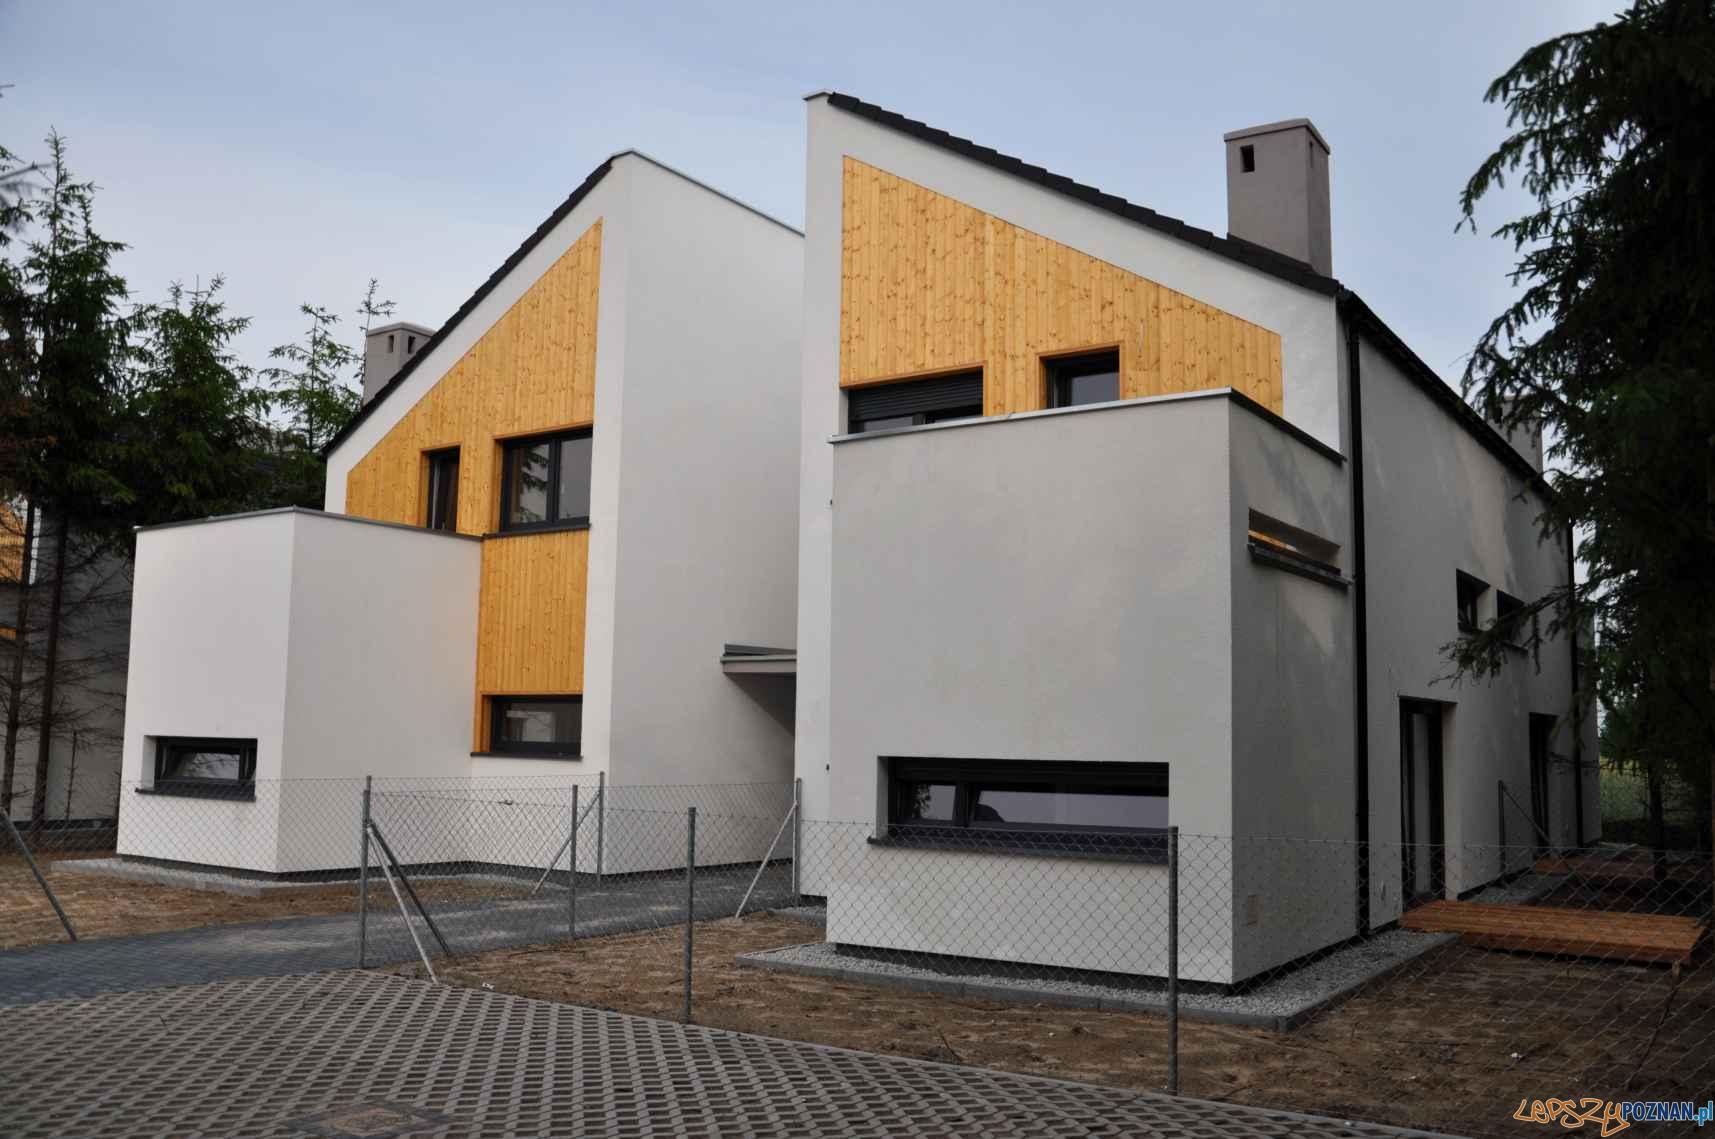 Pierwsze mieszkania na os. Świerkowa Polana już oddane  Foto: Pierwsze mieszkania na os. Świerkowa Polana już oddane